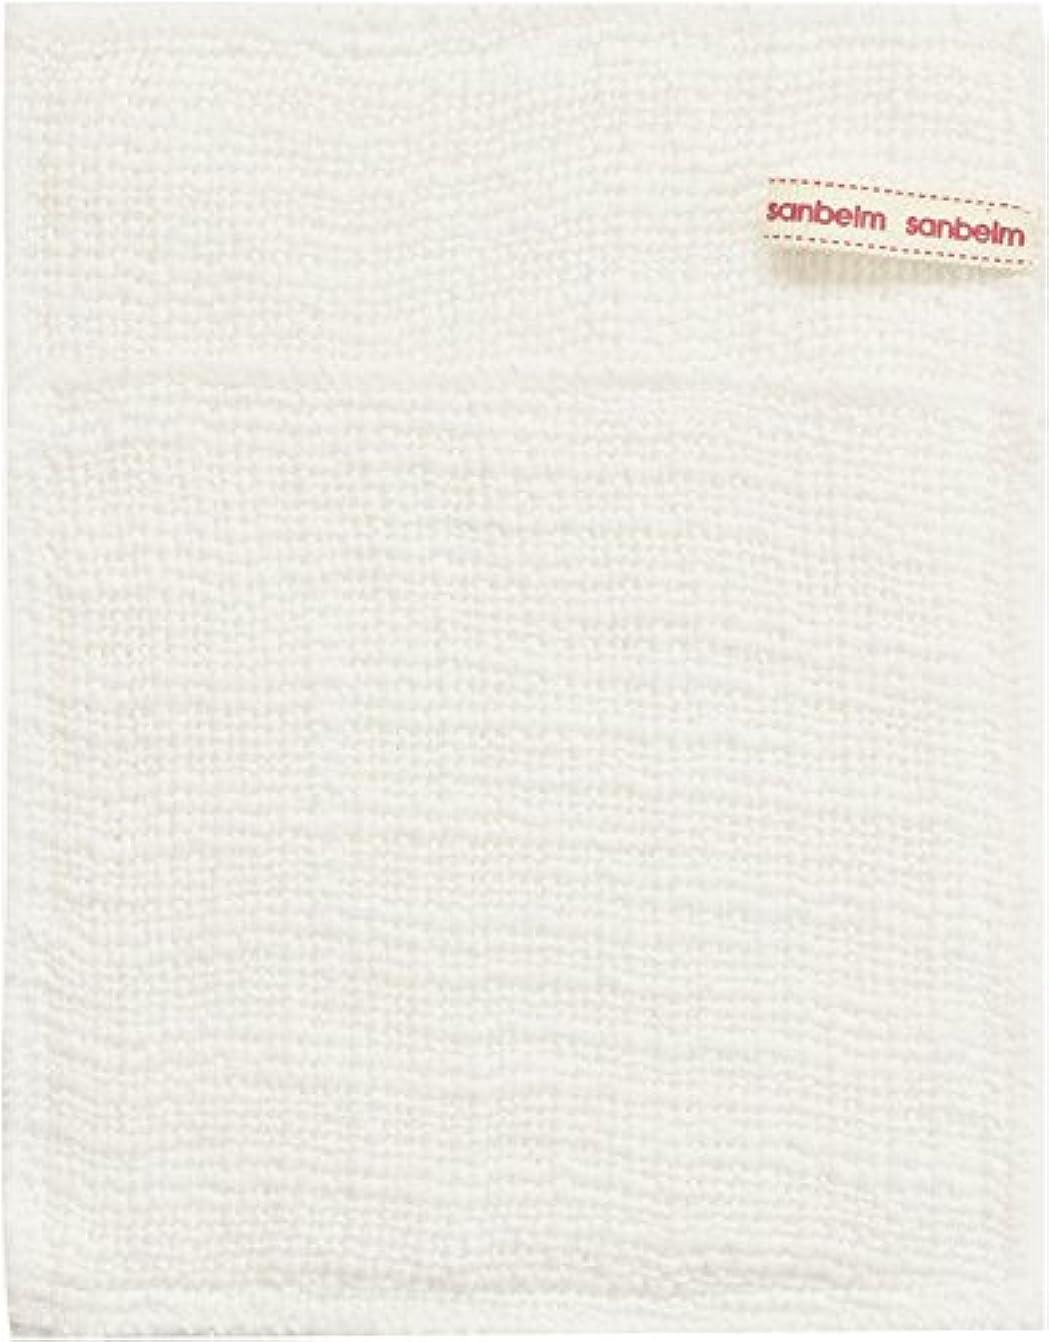 傾向頭痛肉サンベルム (SANBELM) お風呂 体洗い 綿100%生地使用 ボディタオル ホワイト 約16x21cm ボディケアミトン  B34613